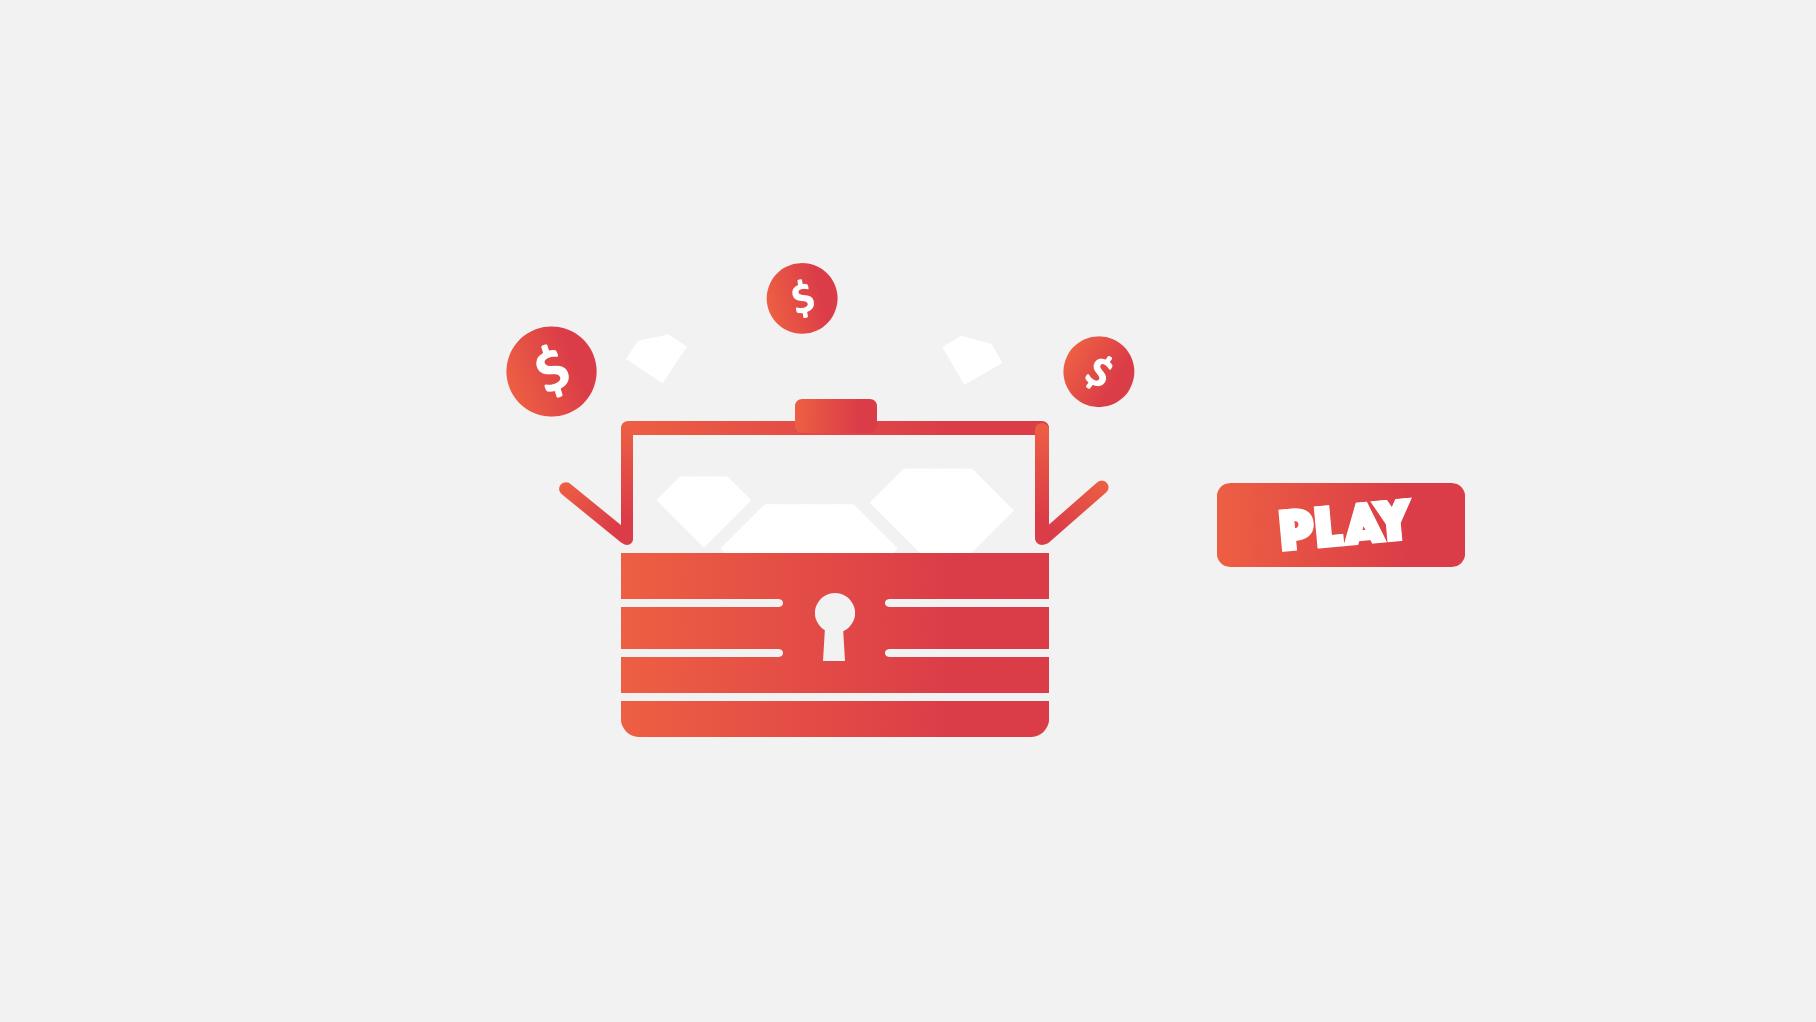 モバイルゲームにおける動画リワード広告配置のベストプラクティス